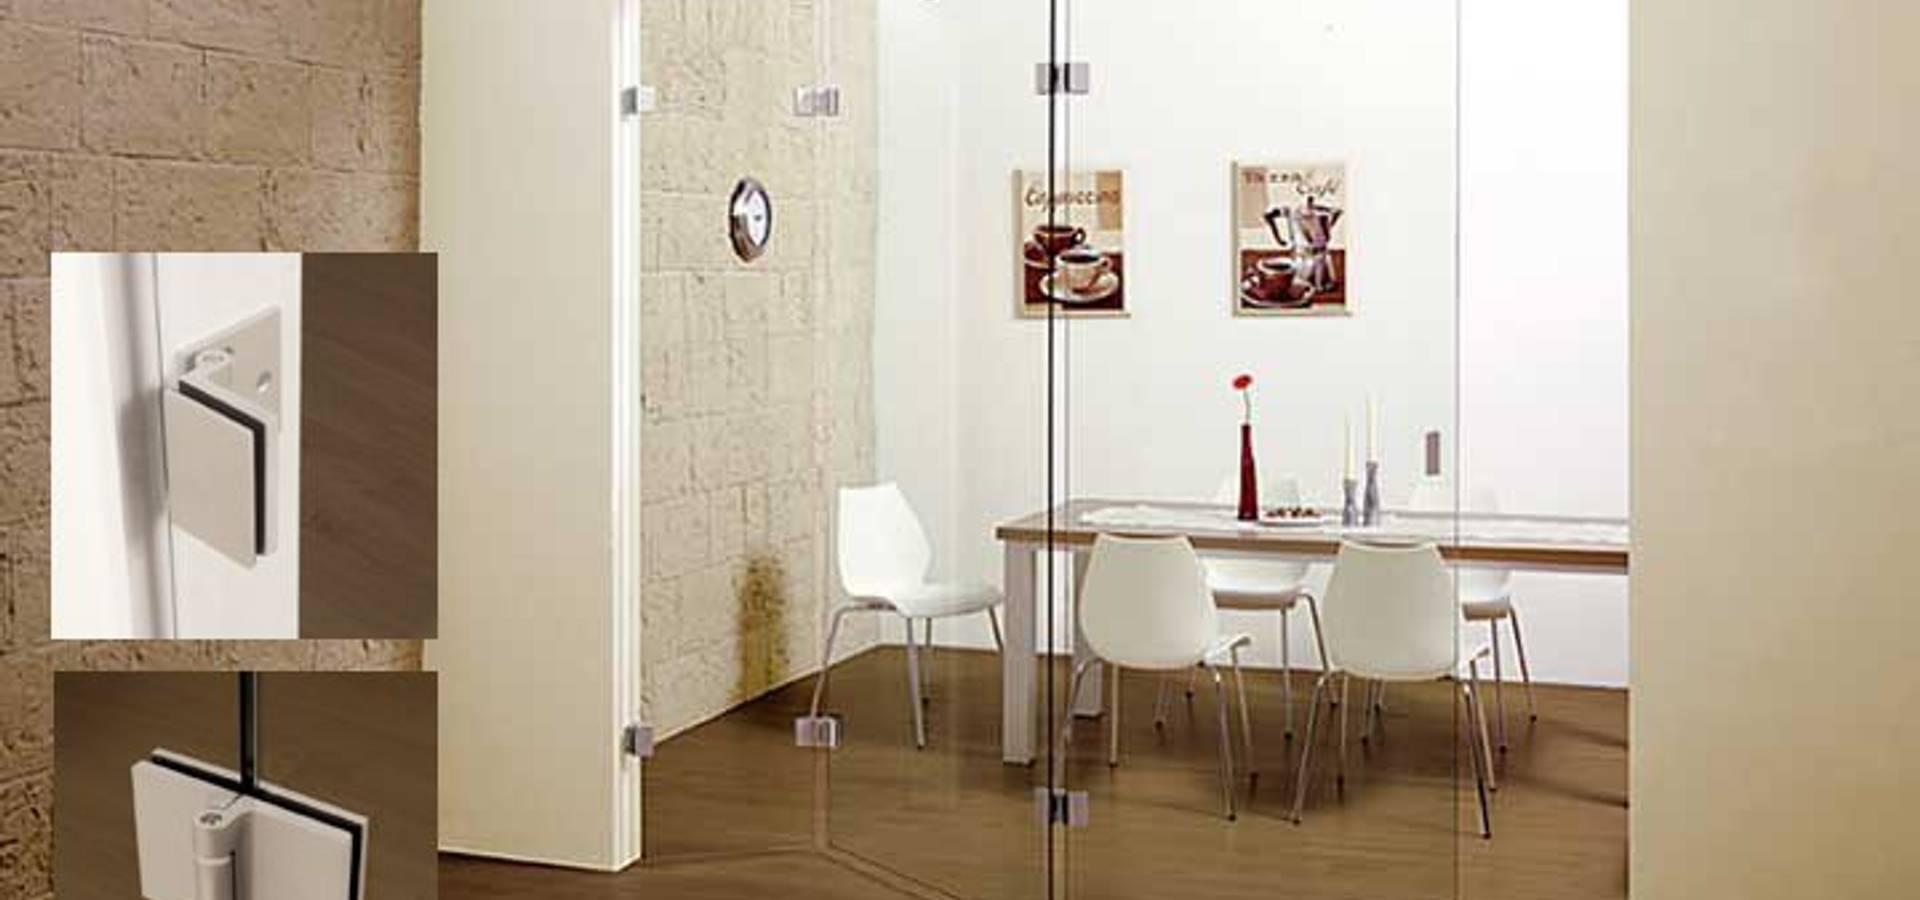 AB Glas & Design